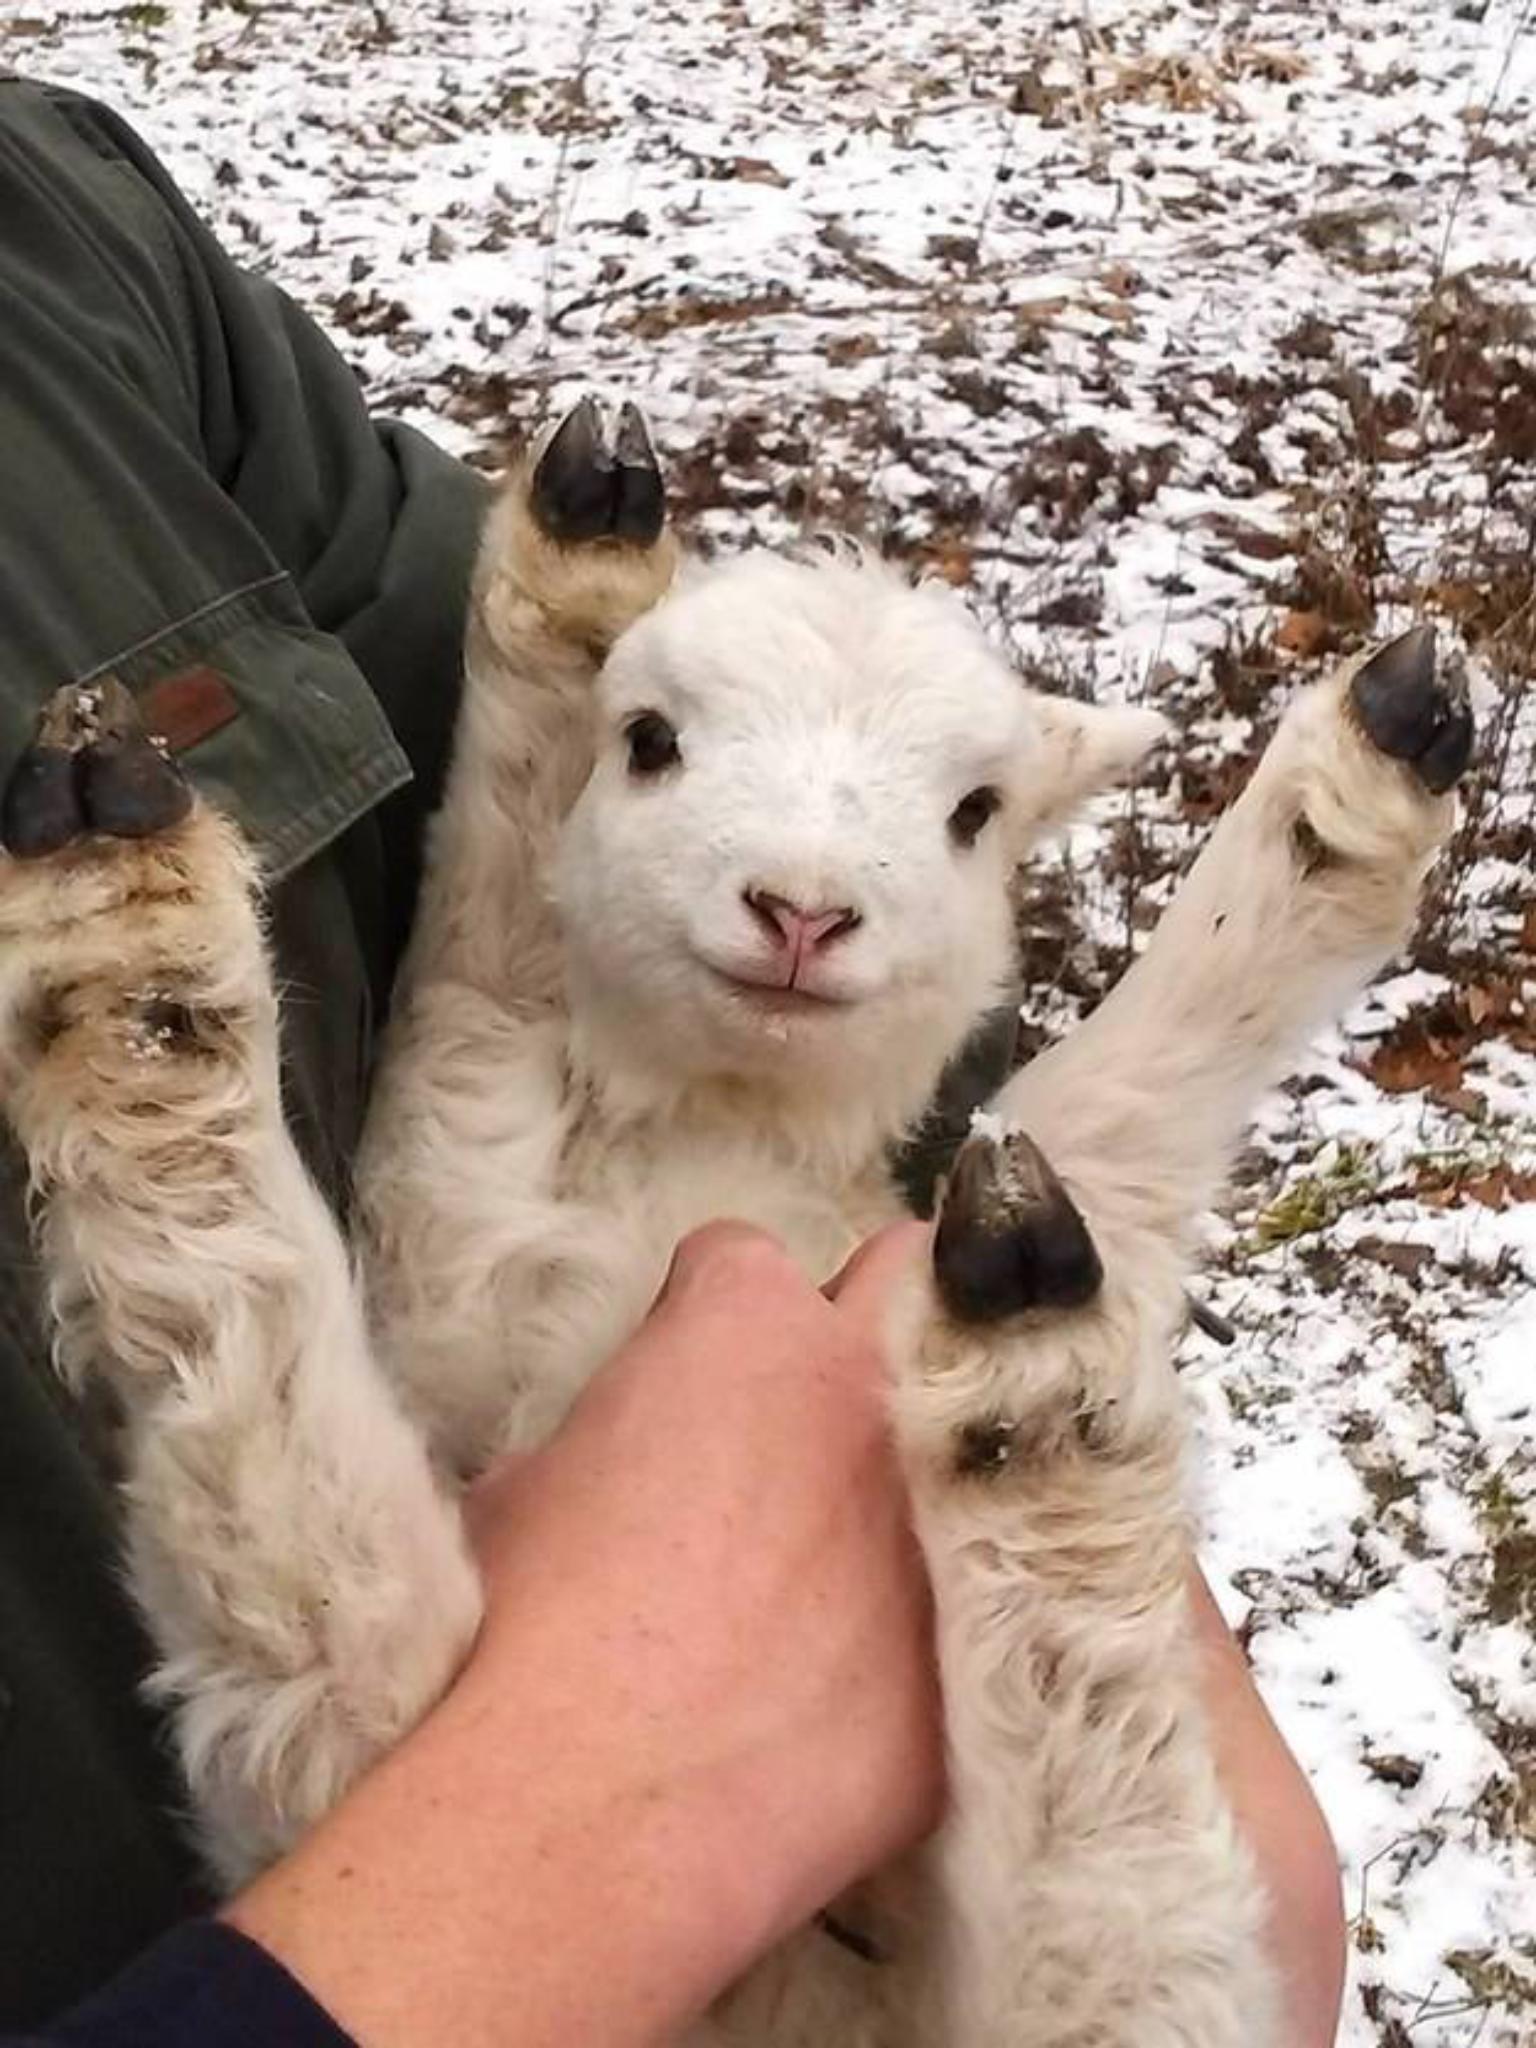 animales aman ser acariciados